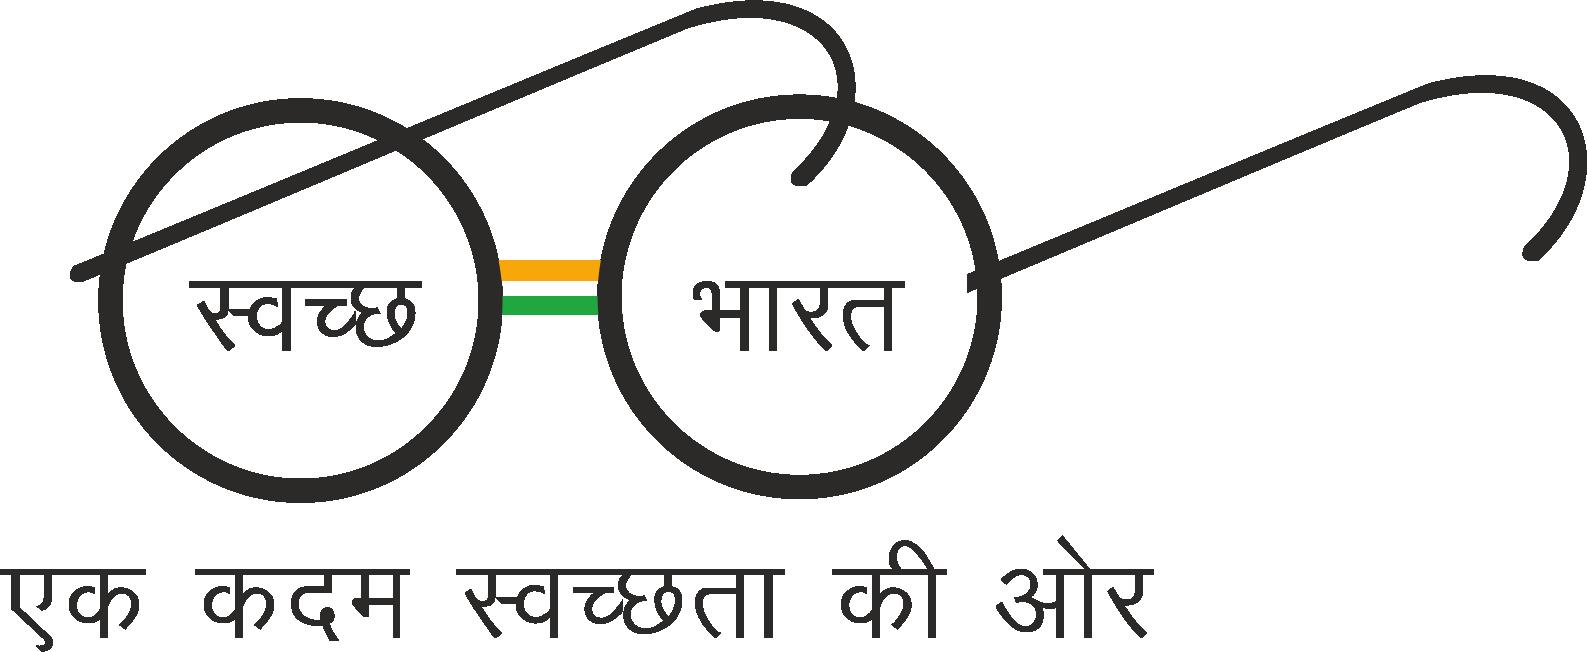 Swachh Bharat Abhiyan.